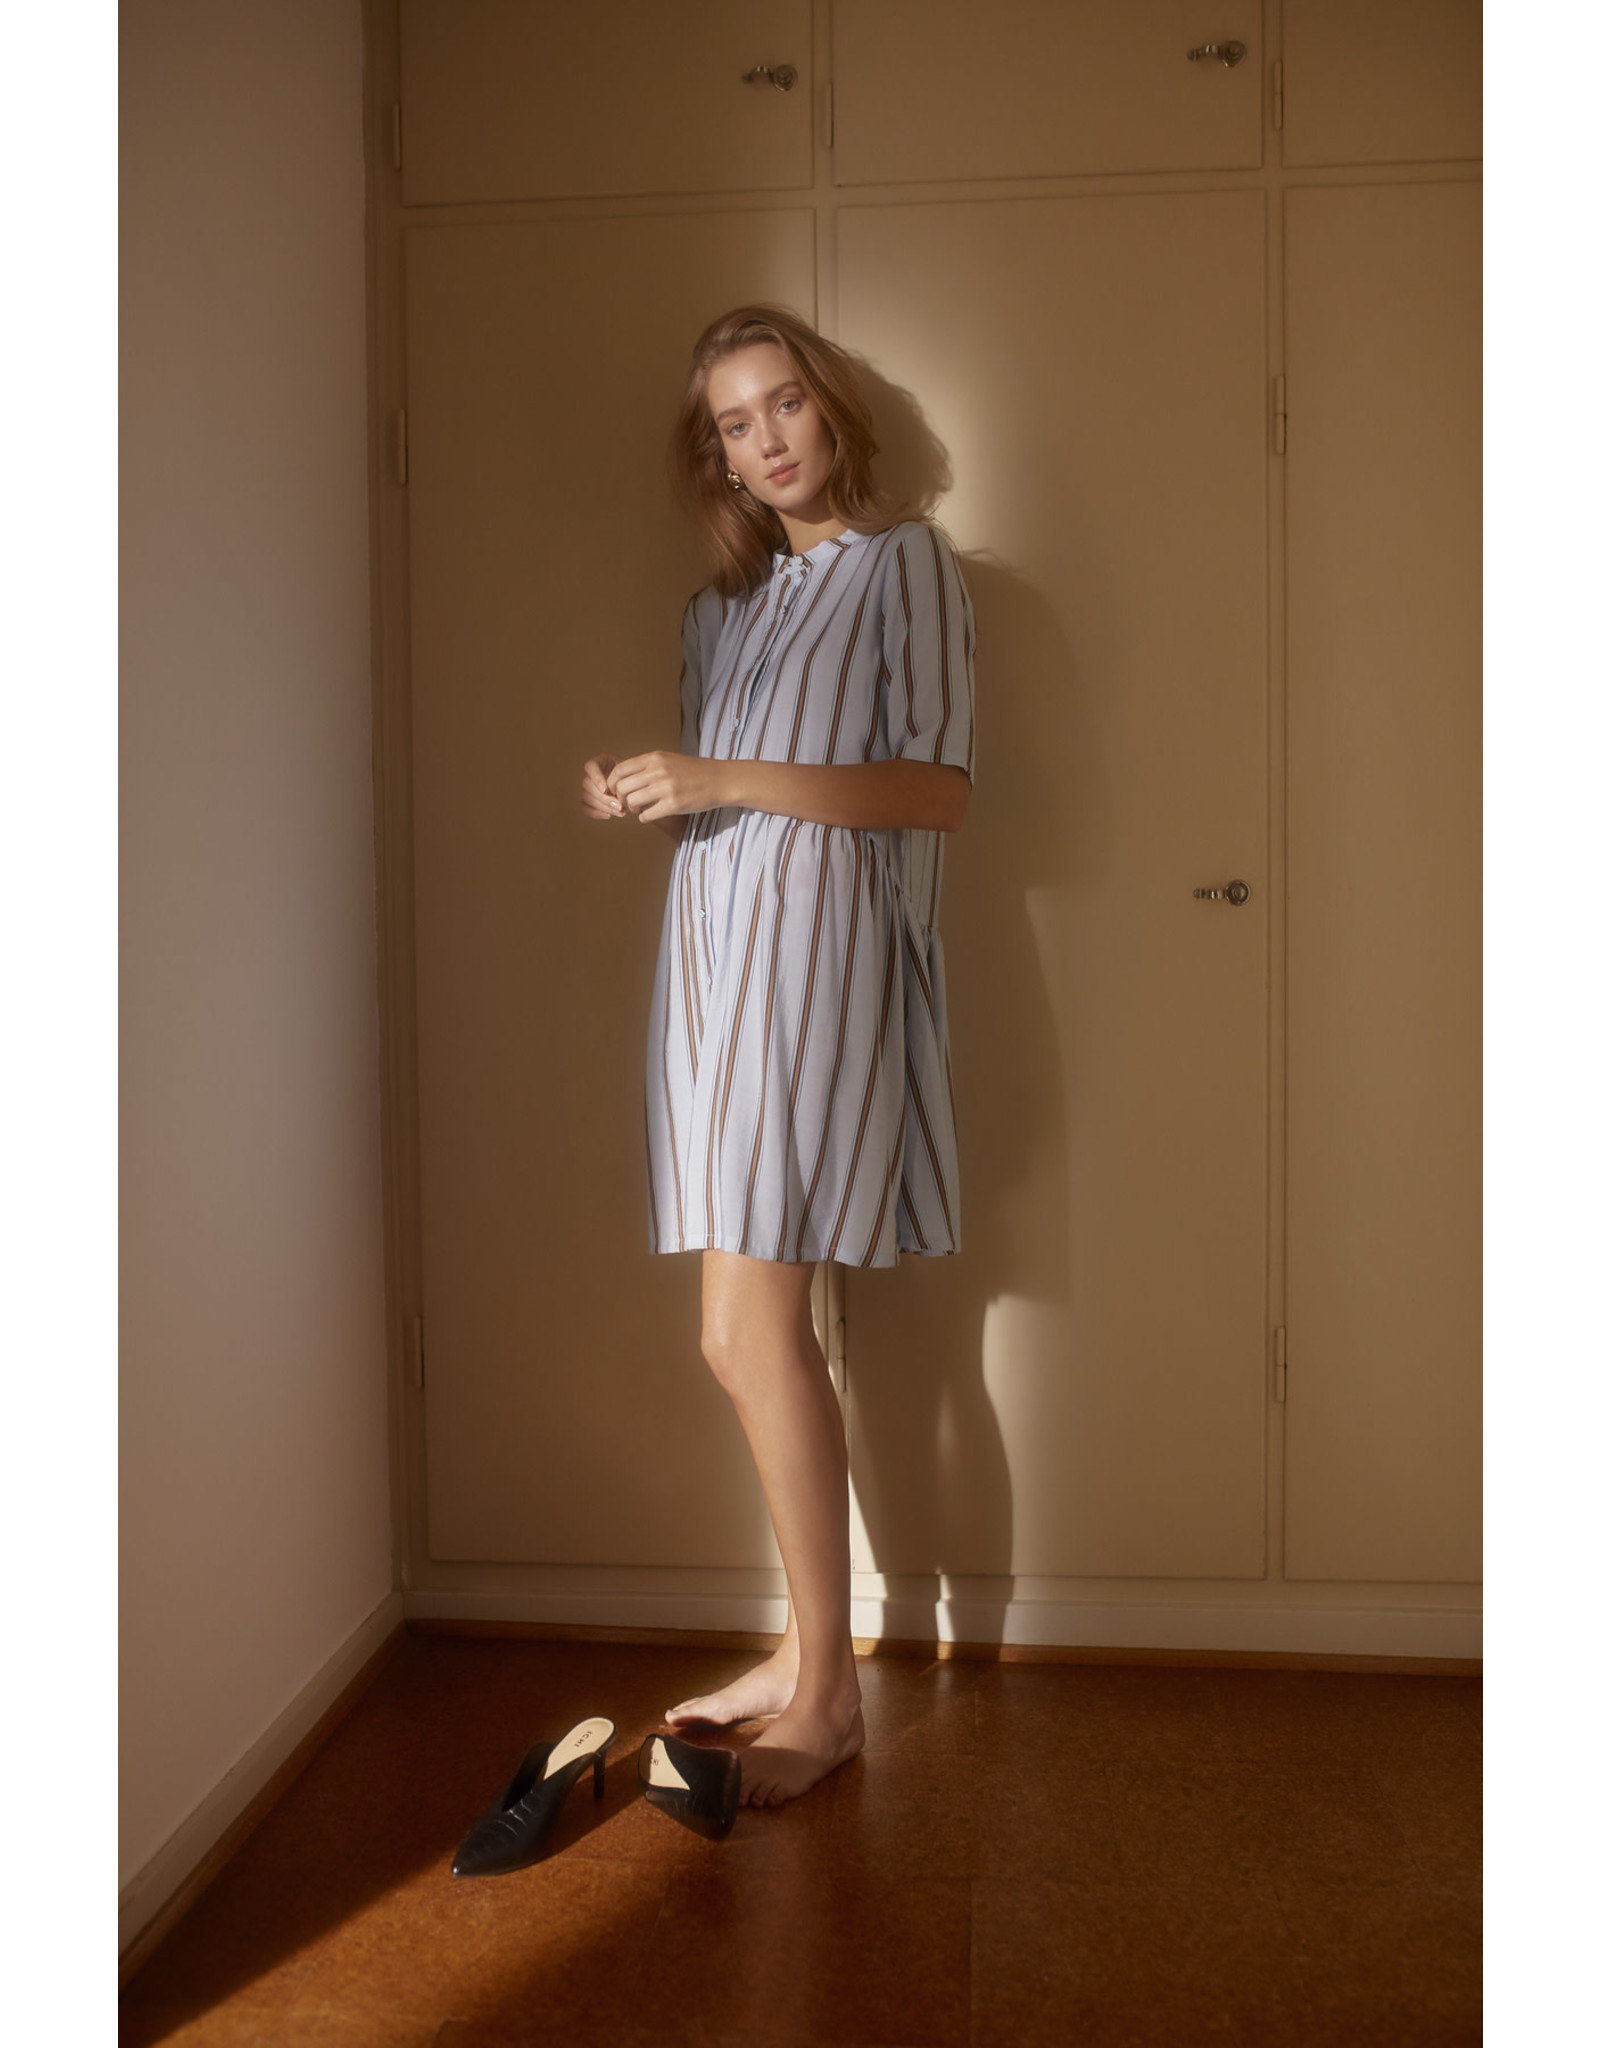 IDK - Striped Dress